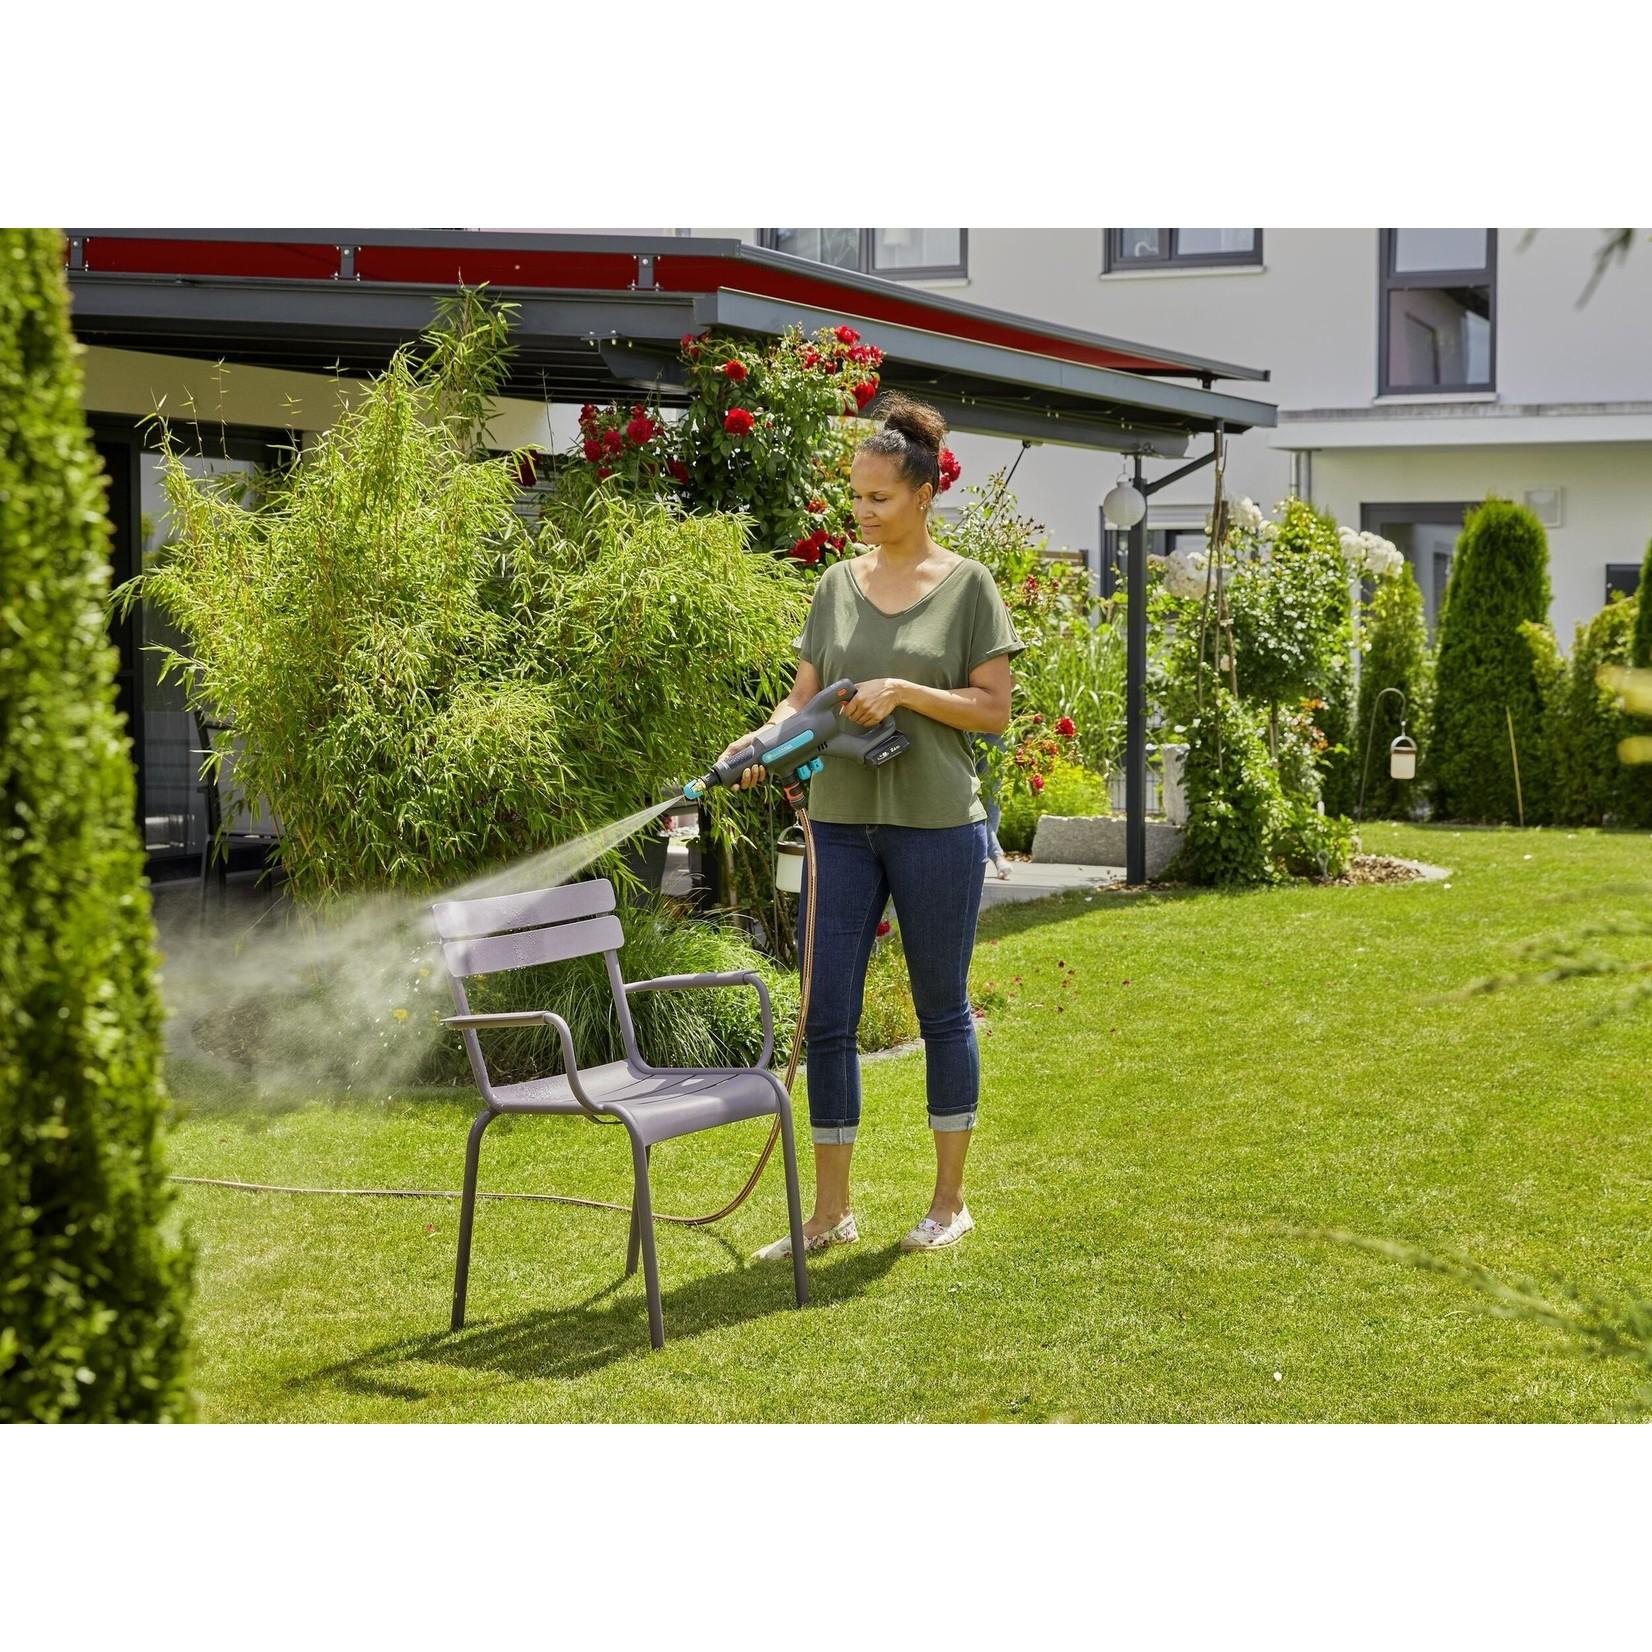 Gardena Gardena Accu hogedrukreiniger AquaClean 18V set